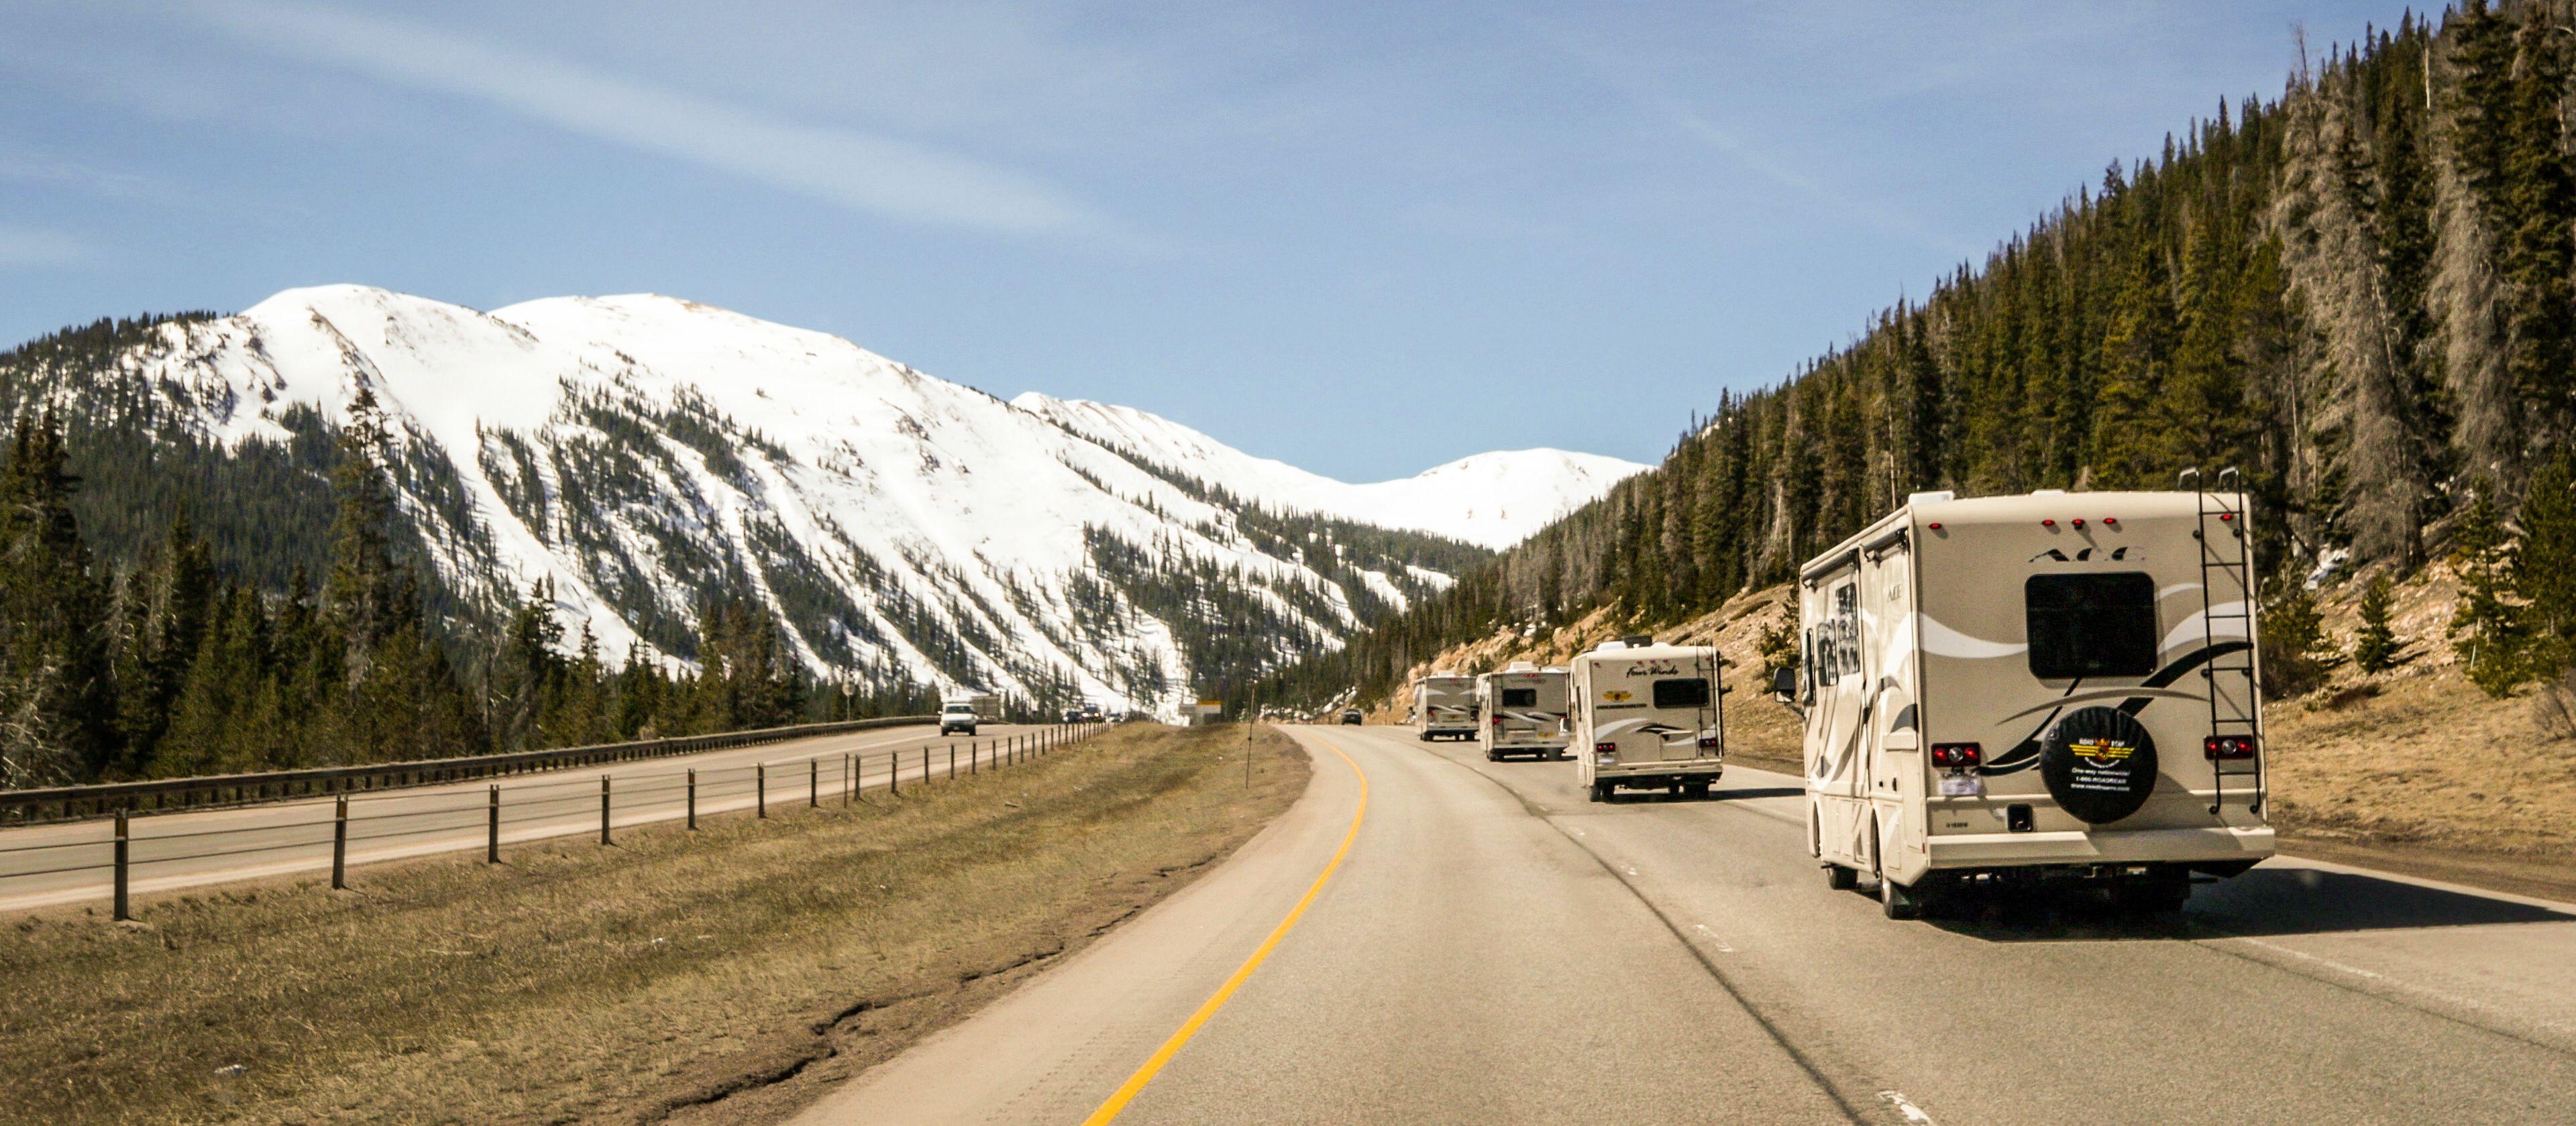 Gruppenreise mit Roadbear-Campern durch die USA